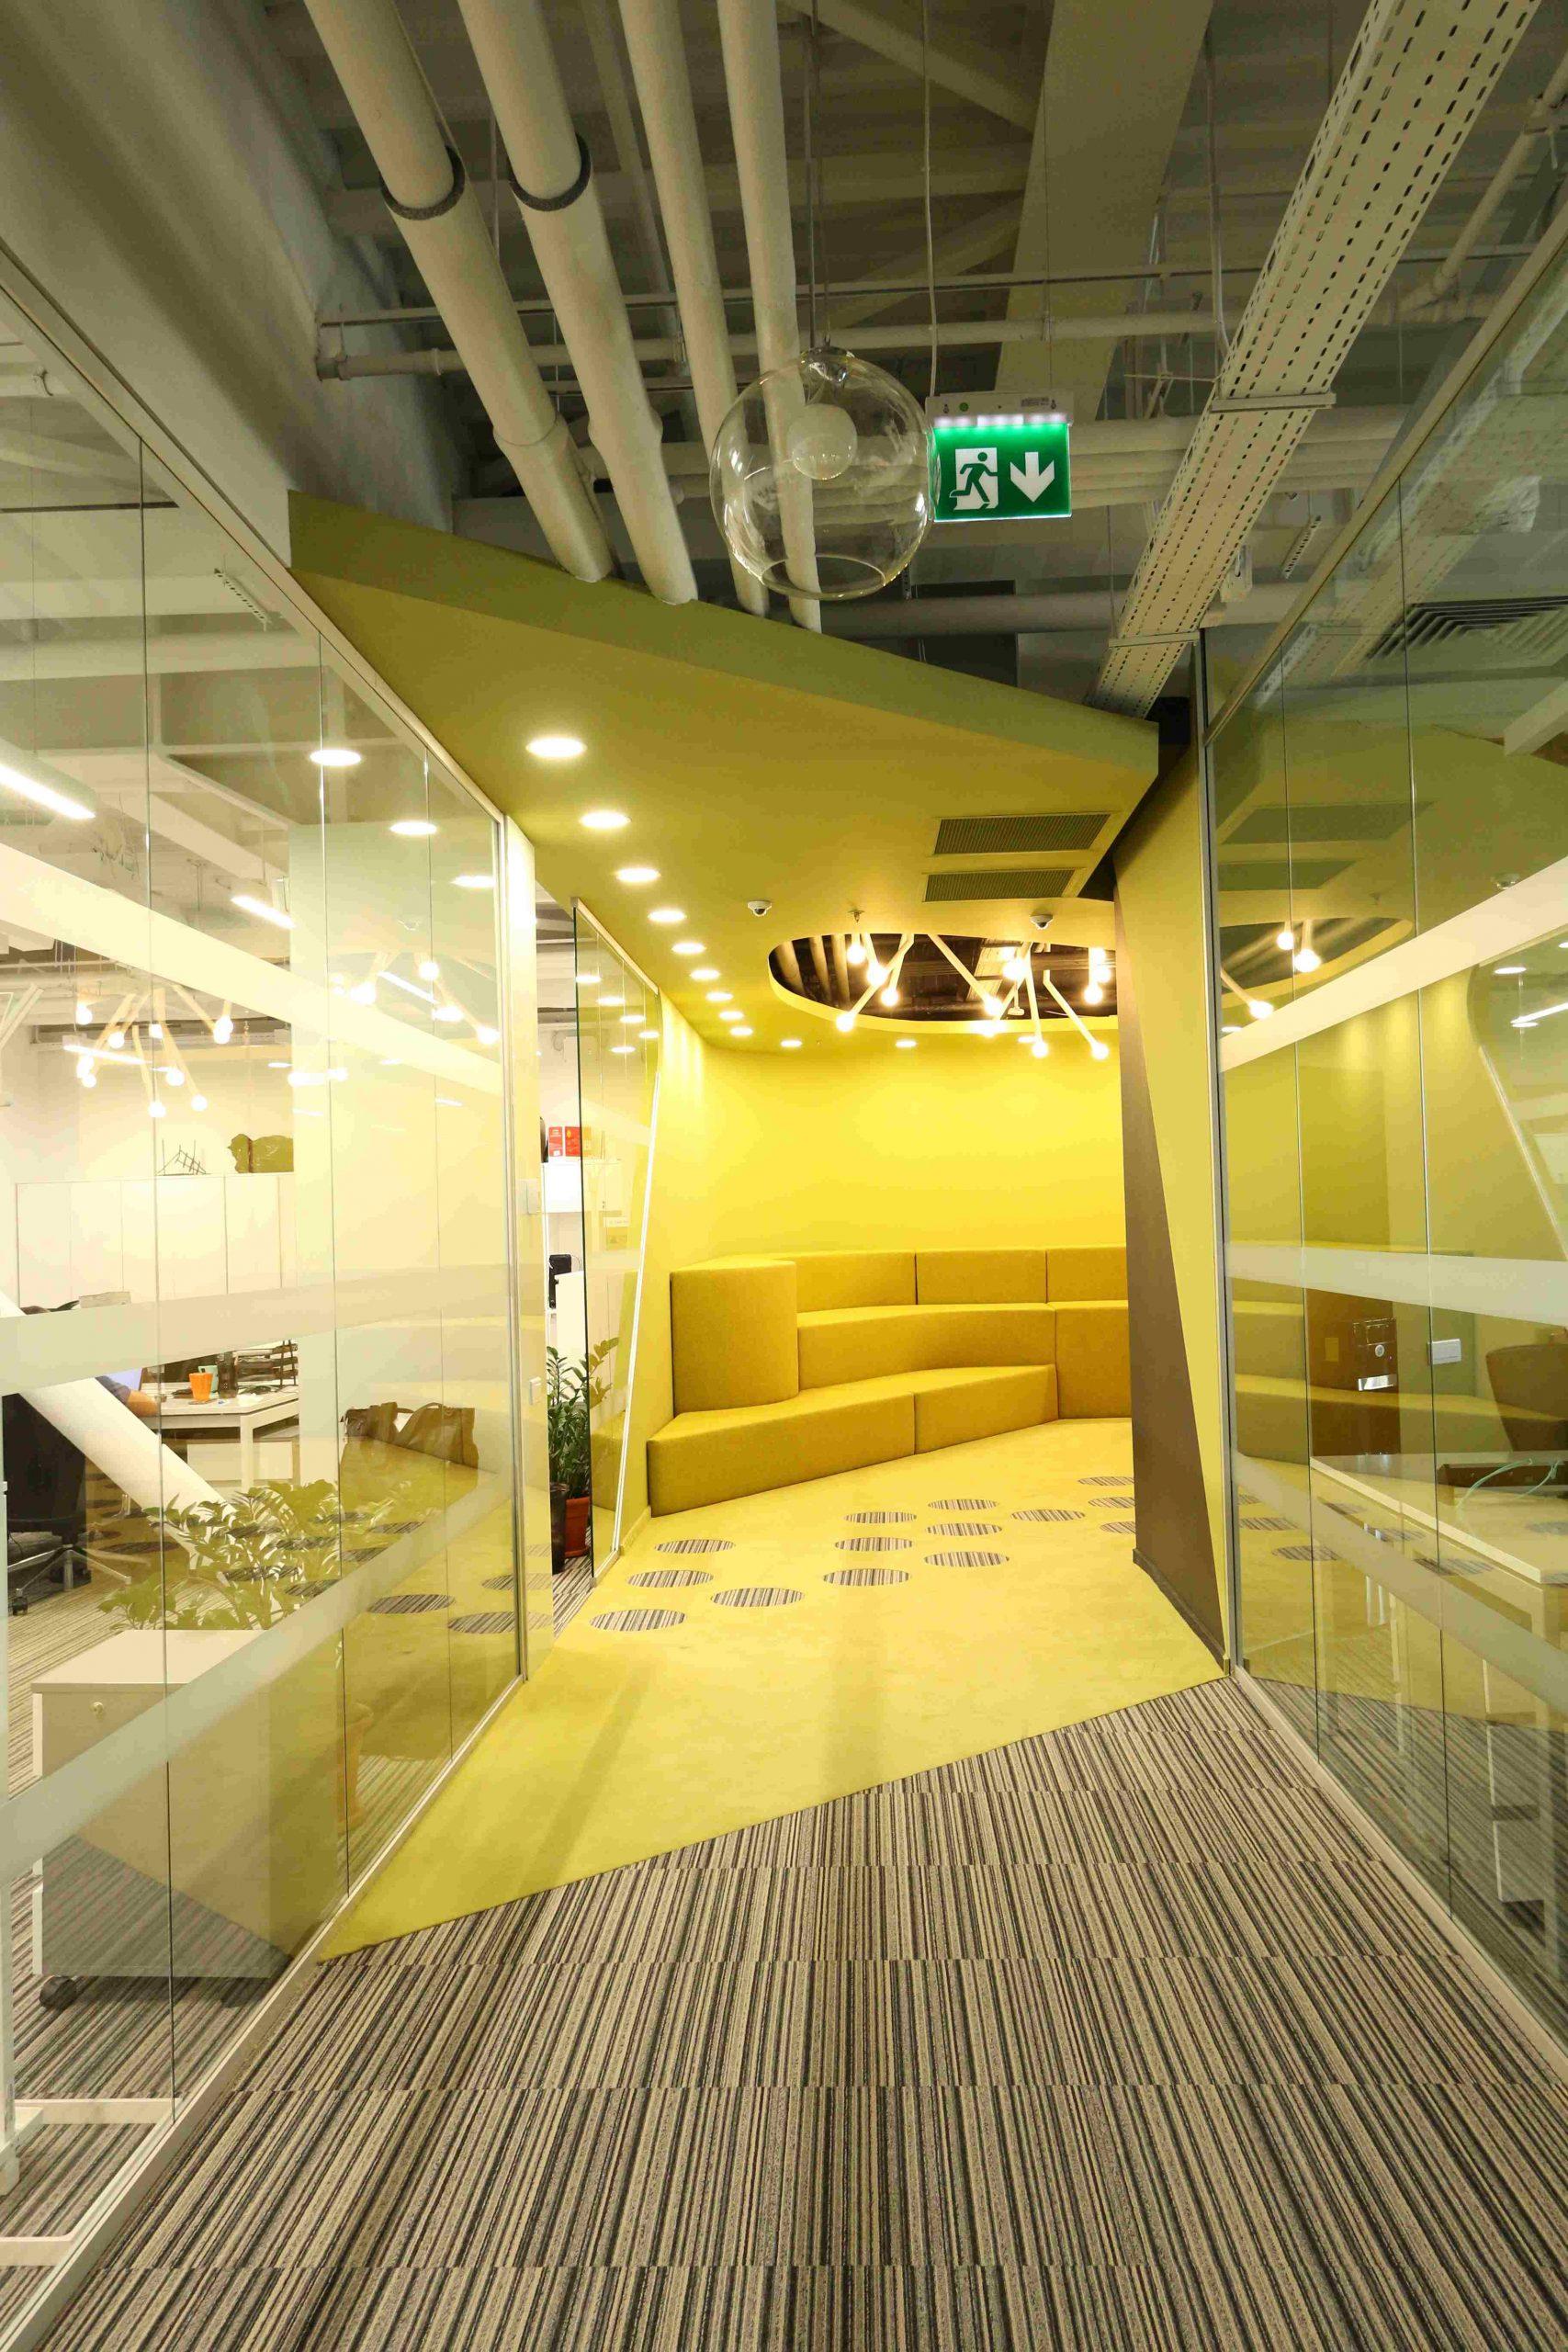 https://nbc-arhitect.ro/wp-content/uploads/2020/10/NBC-Arhitect-_-interiors-_-HQ-Mega-Image-_-Romania-_-interior-design-view_1-scaled.jpg